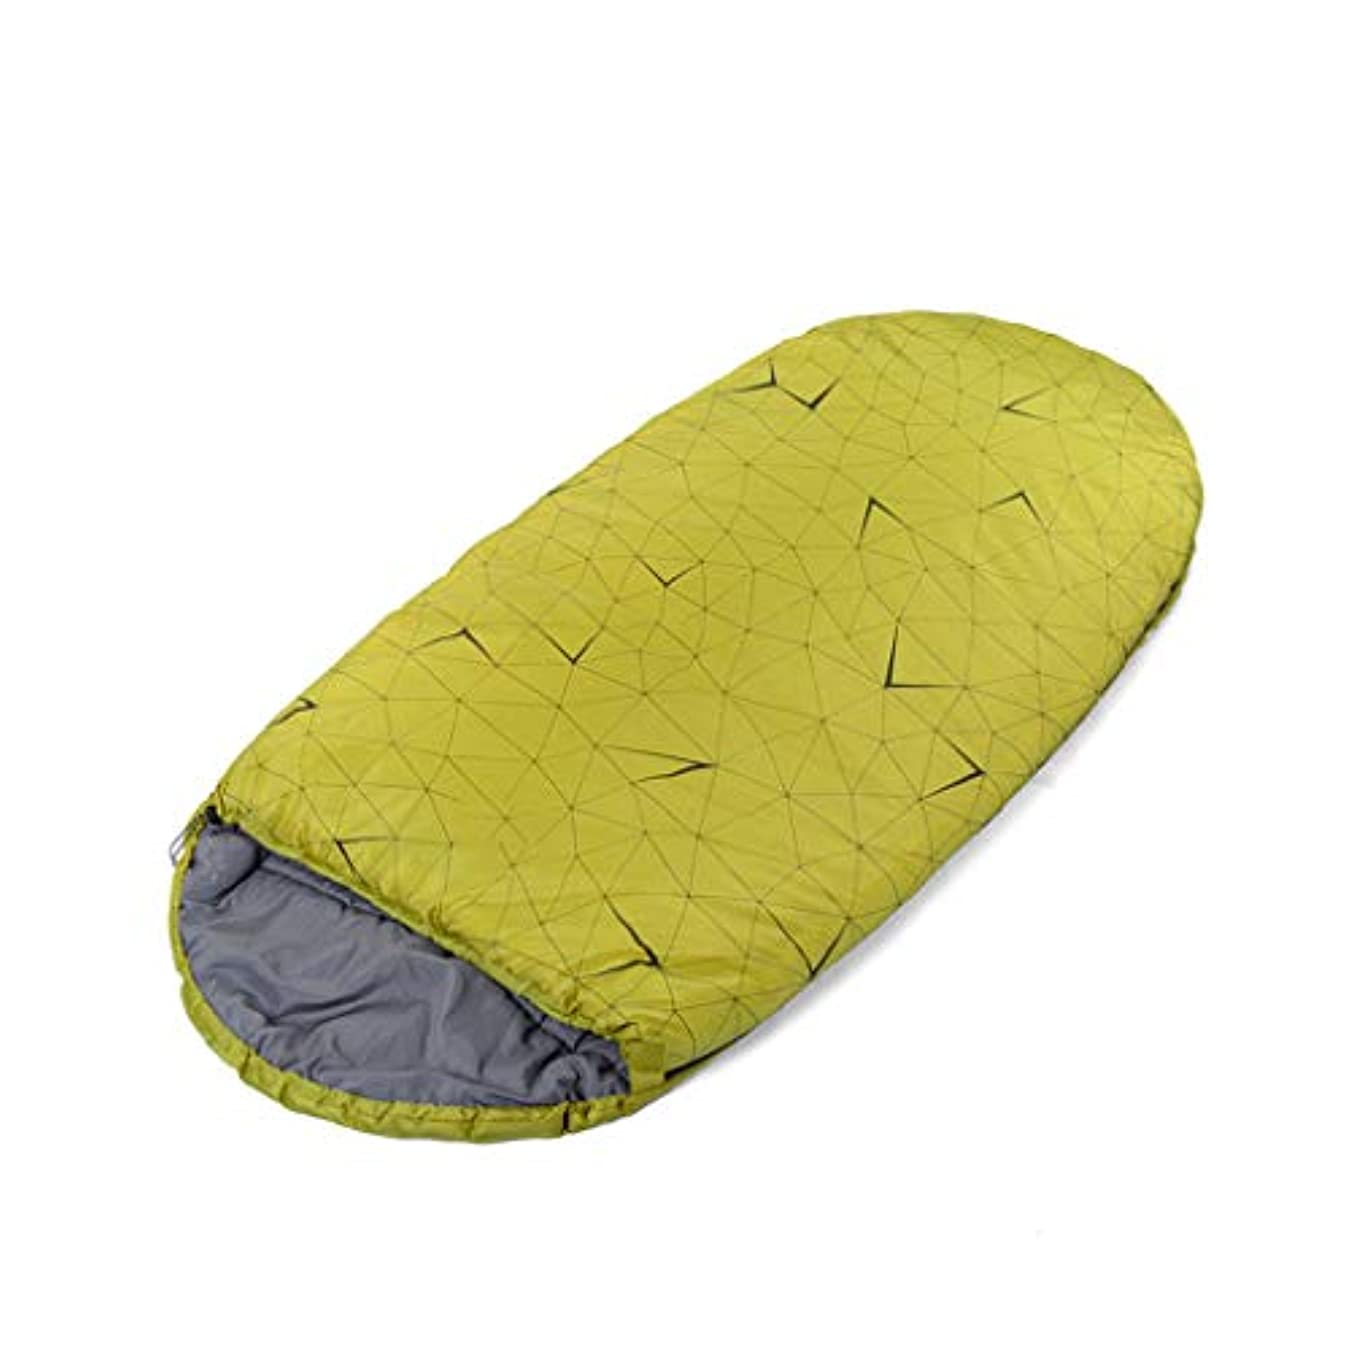 旋律的ポーク体LCSHAN 寝袋ポリエステル厚い防水多機能屋外キャンプ成人 (色 : Green)